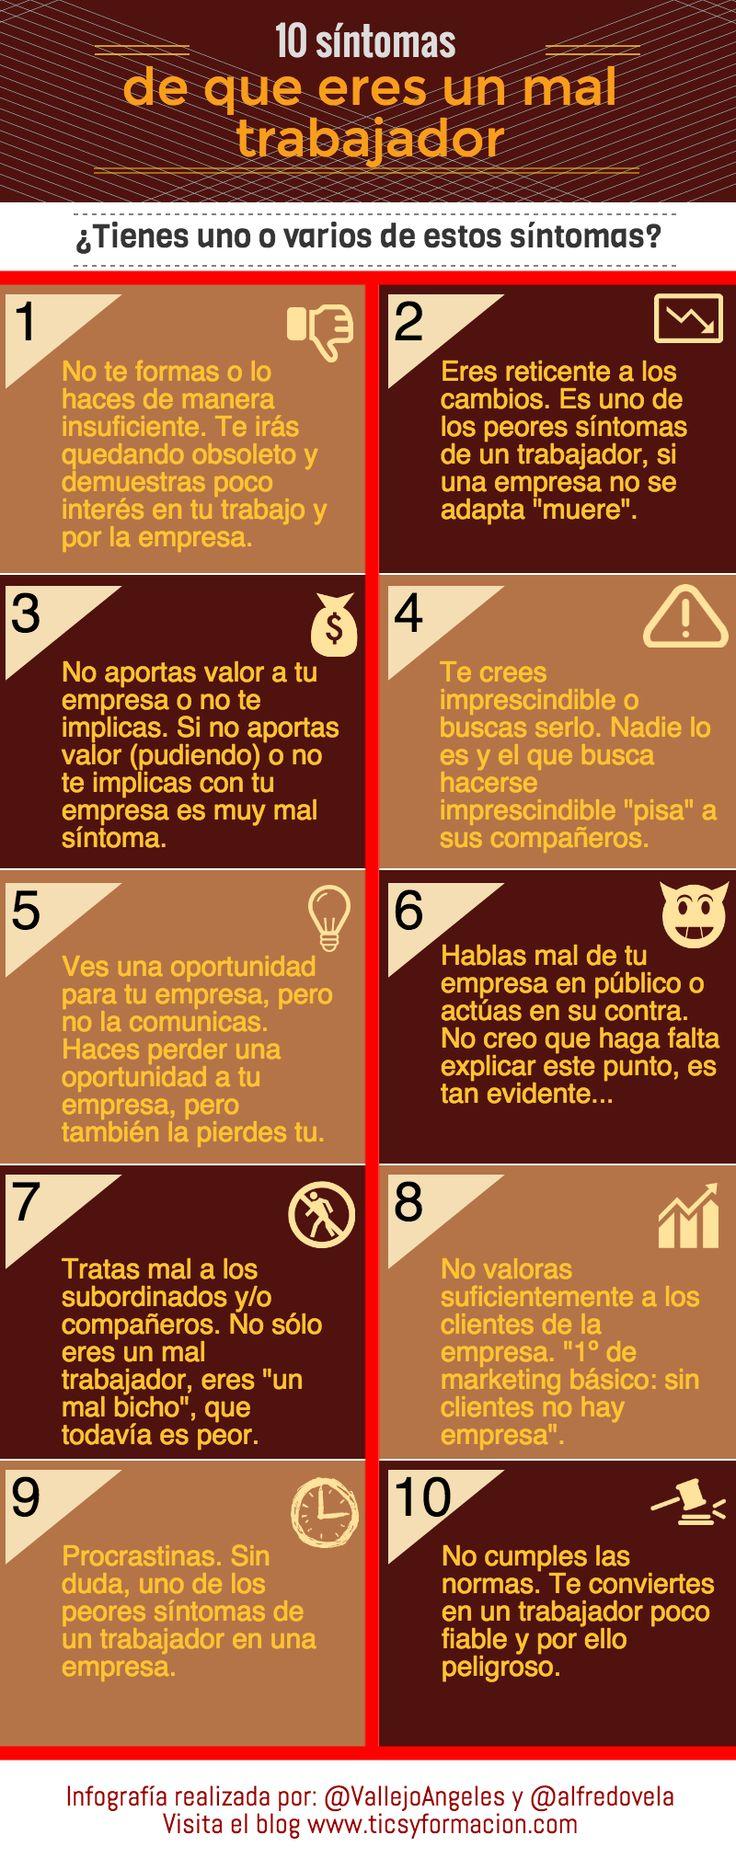 10 síntomas de que eres un mal trabajador. #infografia